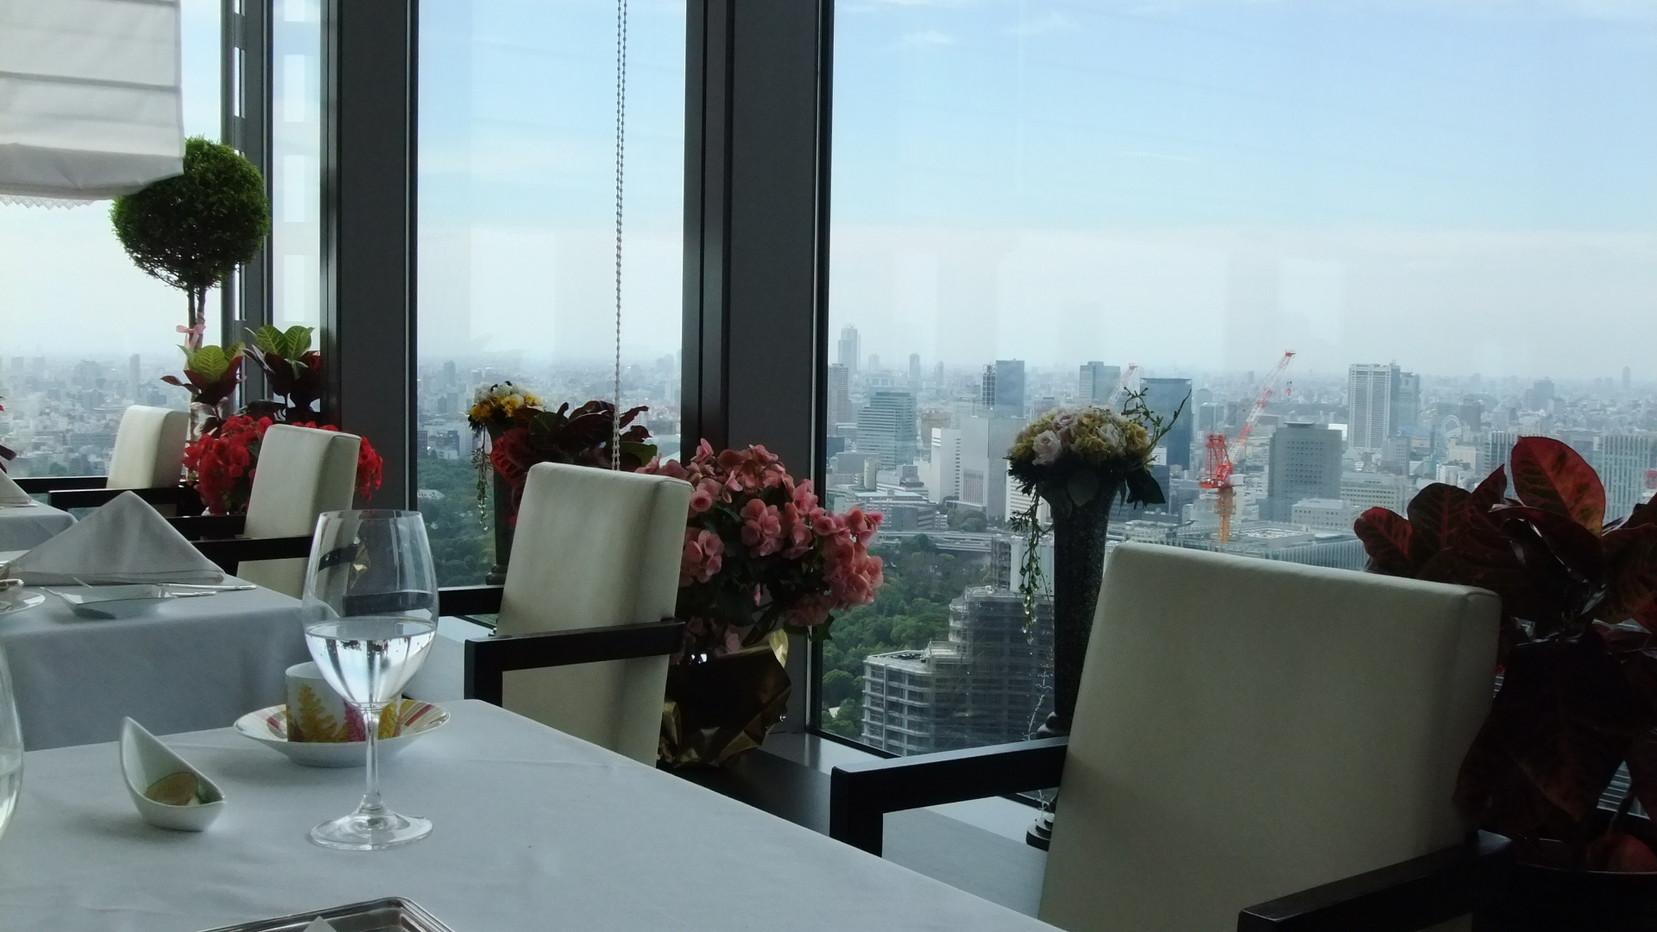 セレブ気分なランチ女子会に最適な「東京のフレンチ」レストランおすすめランキング